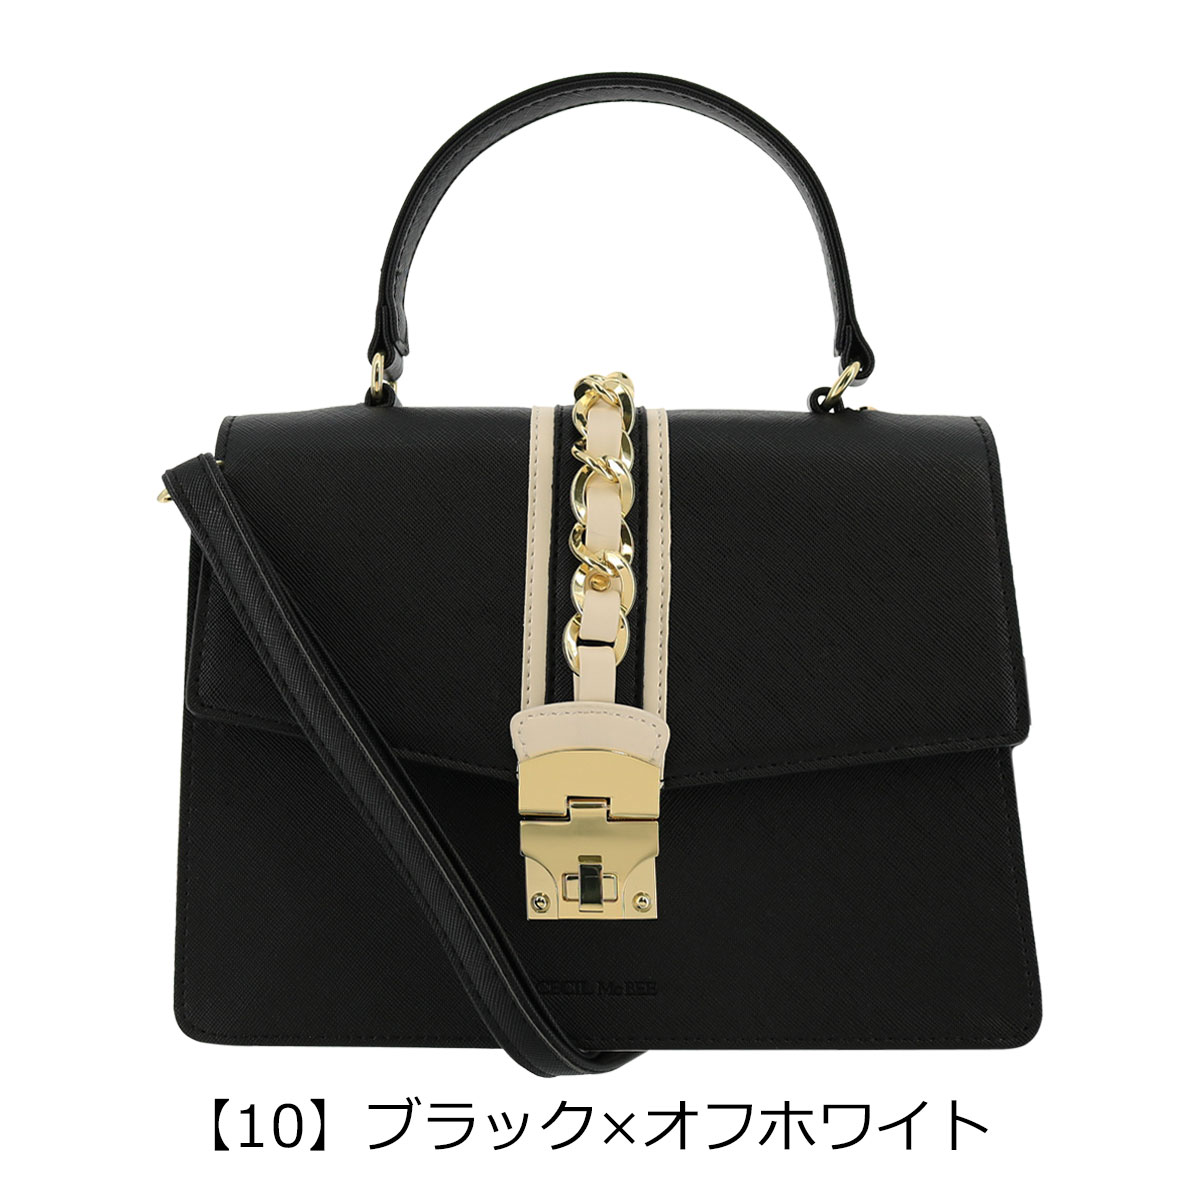 【10】ブラック×オフホワイト